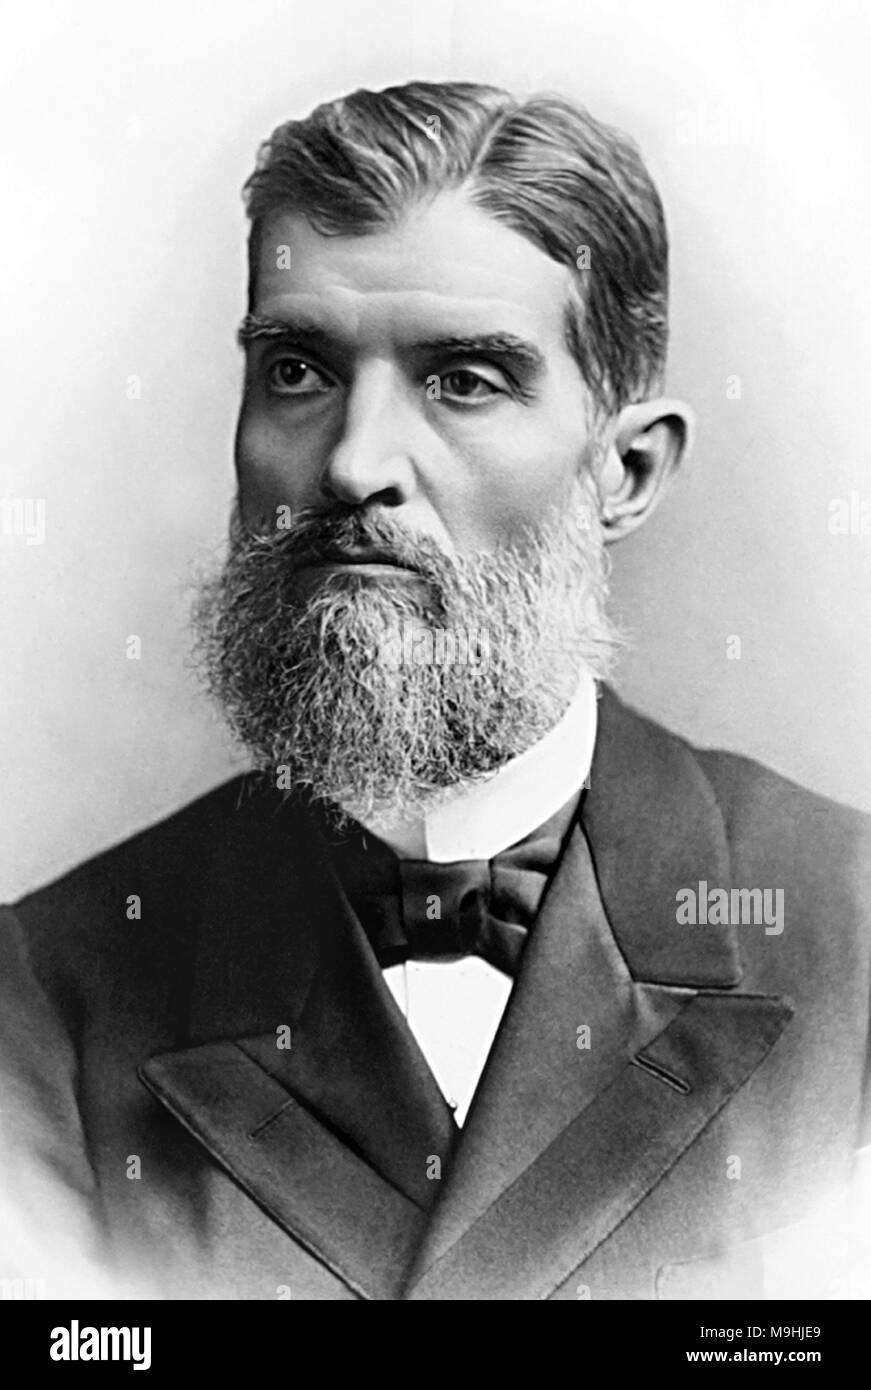 Prudente José de Morais e Barros (1841 – 1902) third President of Brazil. - Stock Image